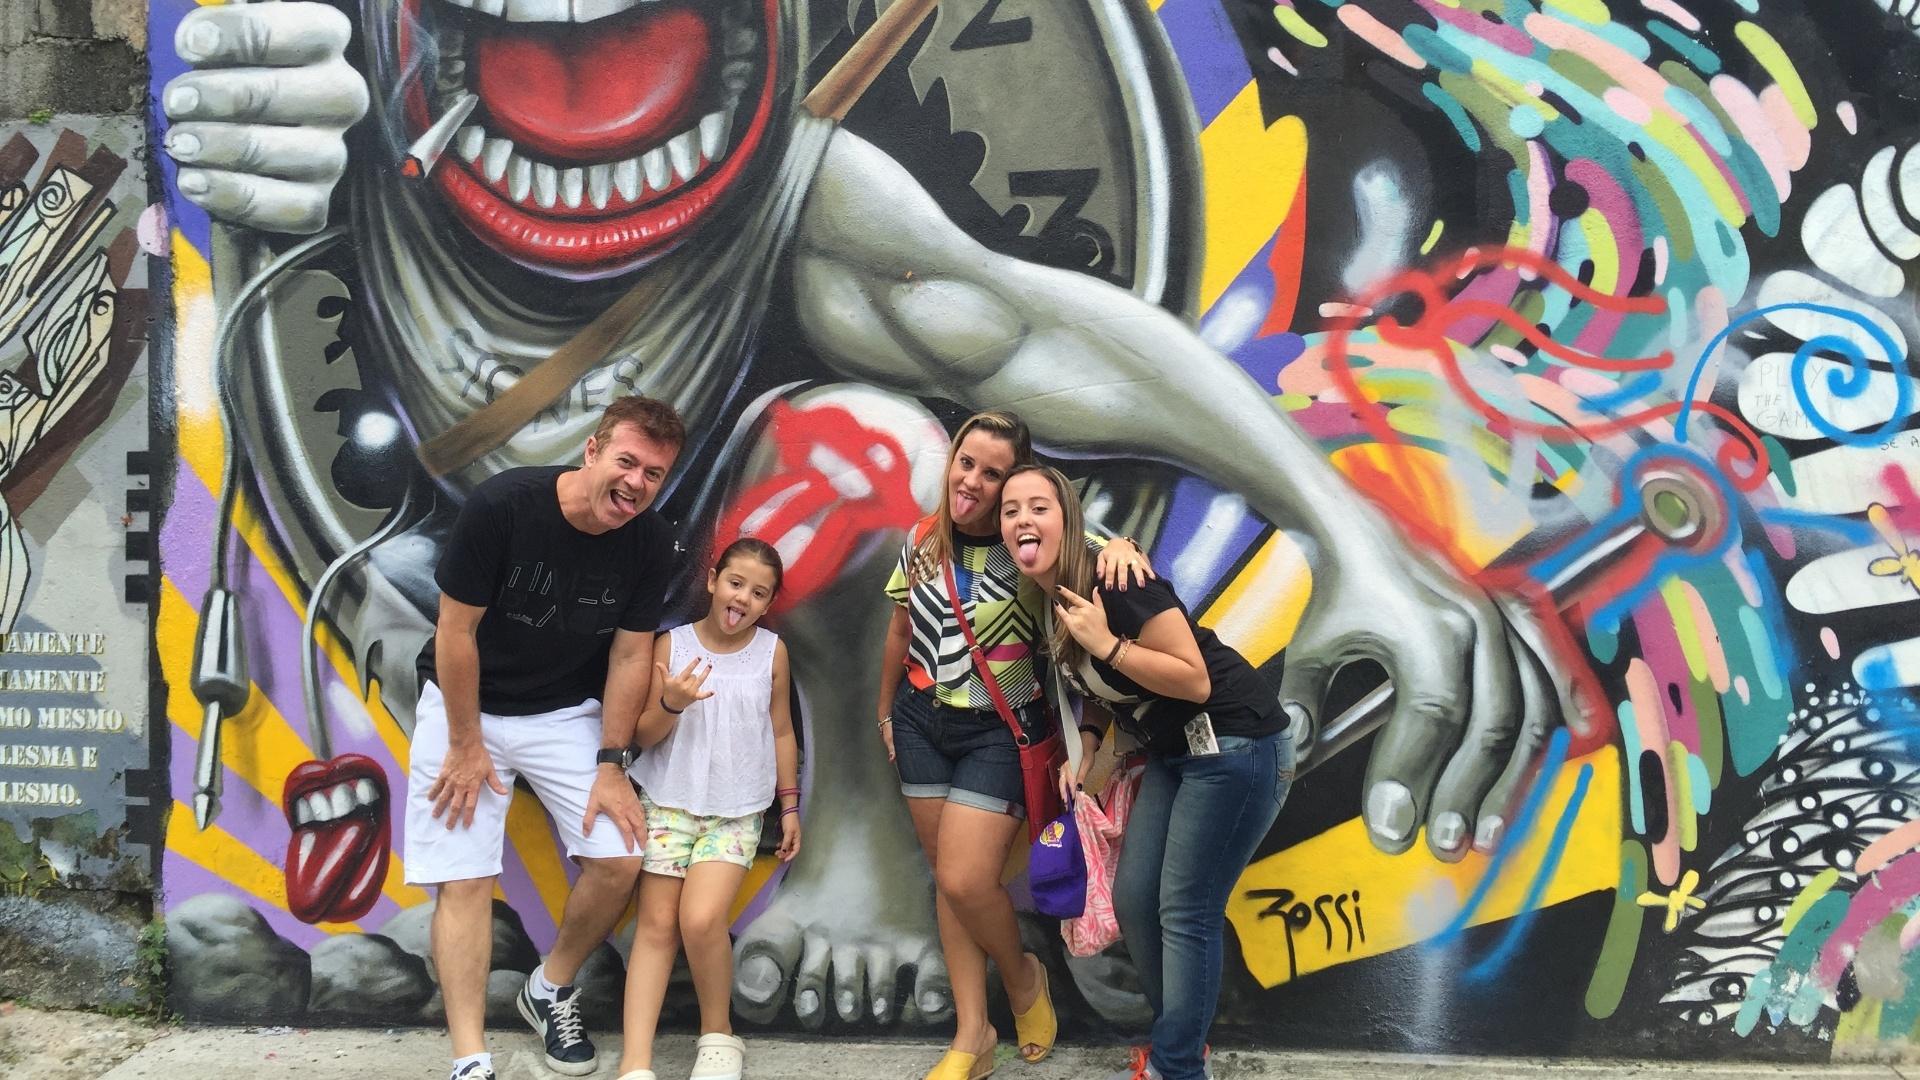 27.fev.2016 - Rogério Caires, 48, a mulher Carla, 42, e as filhas Caroline, 15, e Rafaela, 8, vieram de São Bernardo do Campo para ver o grafite de Ron Wood no Beco do batman